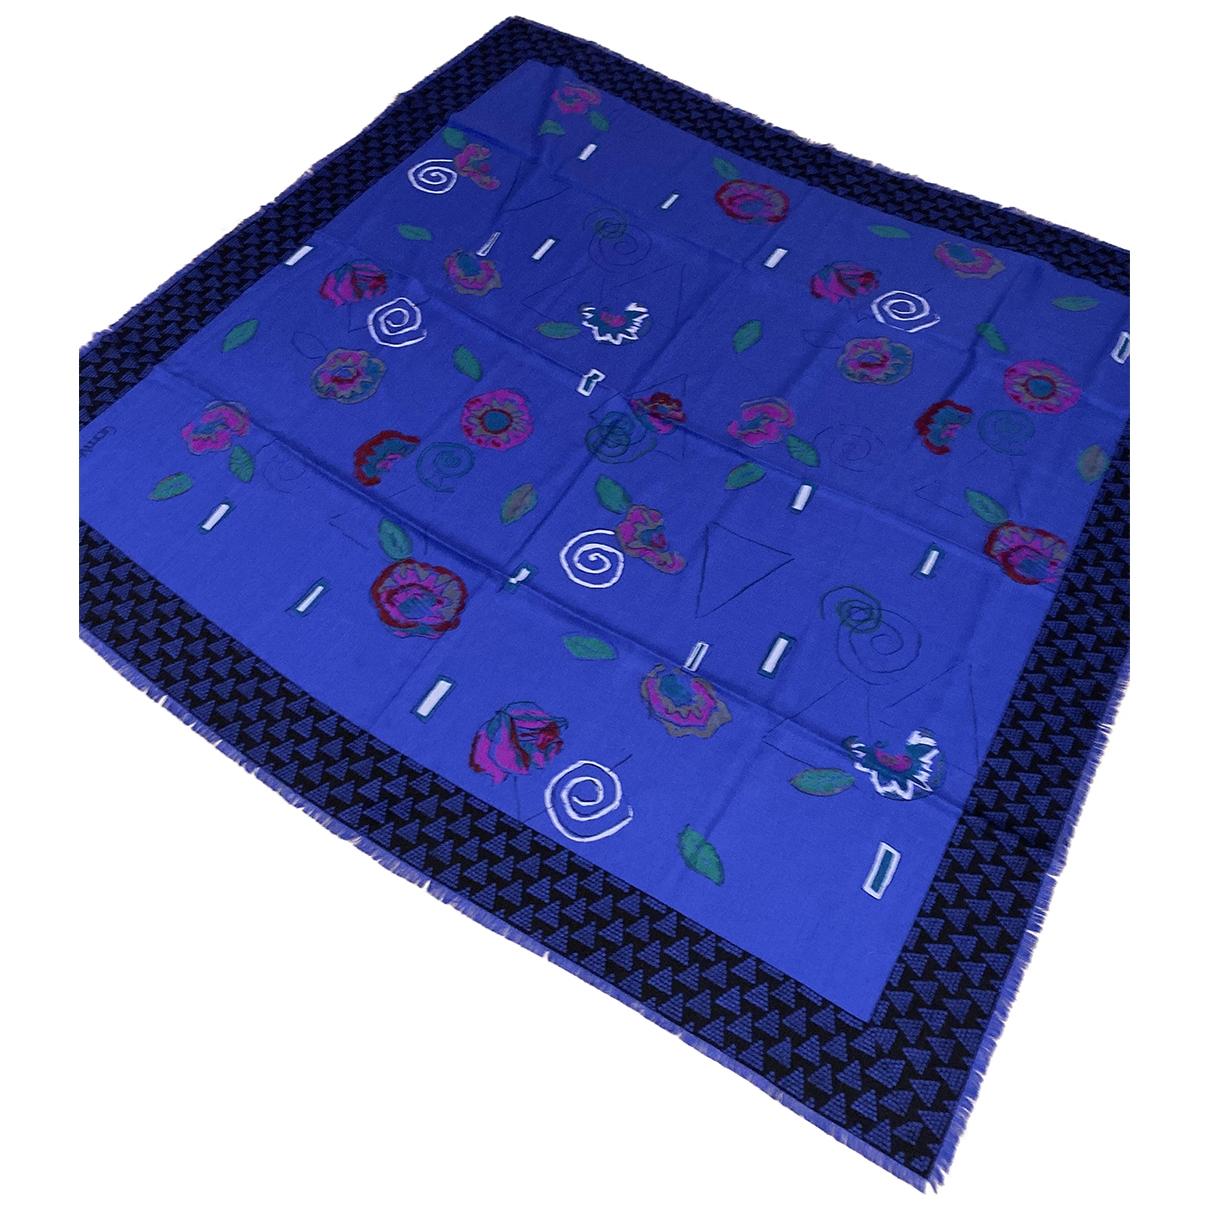 Gianni Versace \N Blue Wool scarf for Women \N